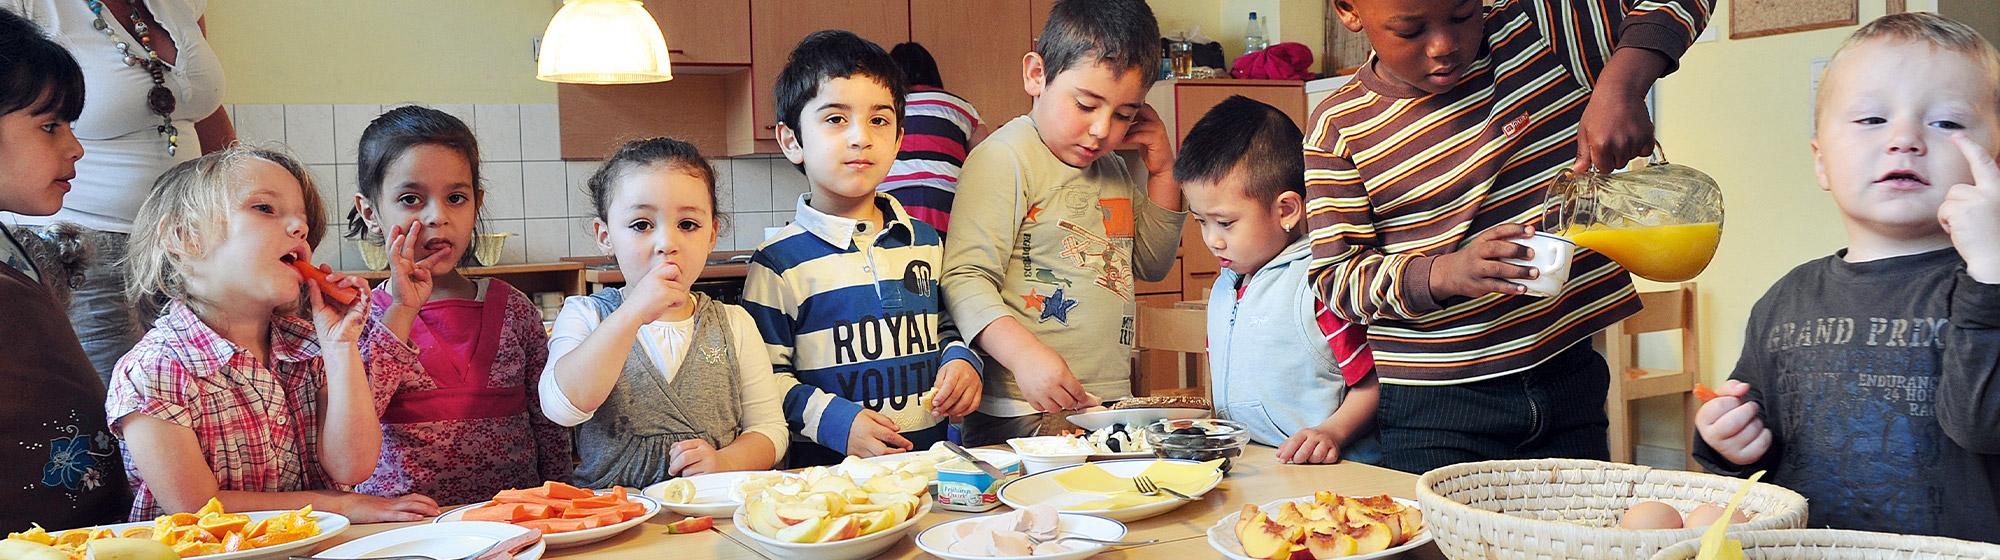 Kindergartenkinder stehen hinter einem Tisch, der mit gesunden Lebensmitteln wie Obst und Gemüse, Käse und Wurst eingedeckt ist. Ein Kind schenkt sich aus einer Karaffe Orangensaft in ein Glas ein. Einige der Kinder schlecken sich genüsslich die Finger ab. Im Hintergrund ist die Küche des Kindergartens zu sehen.